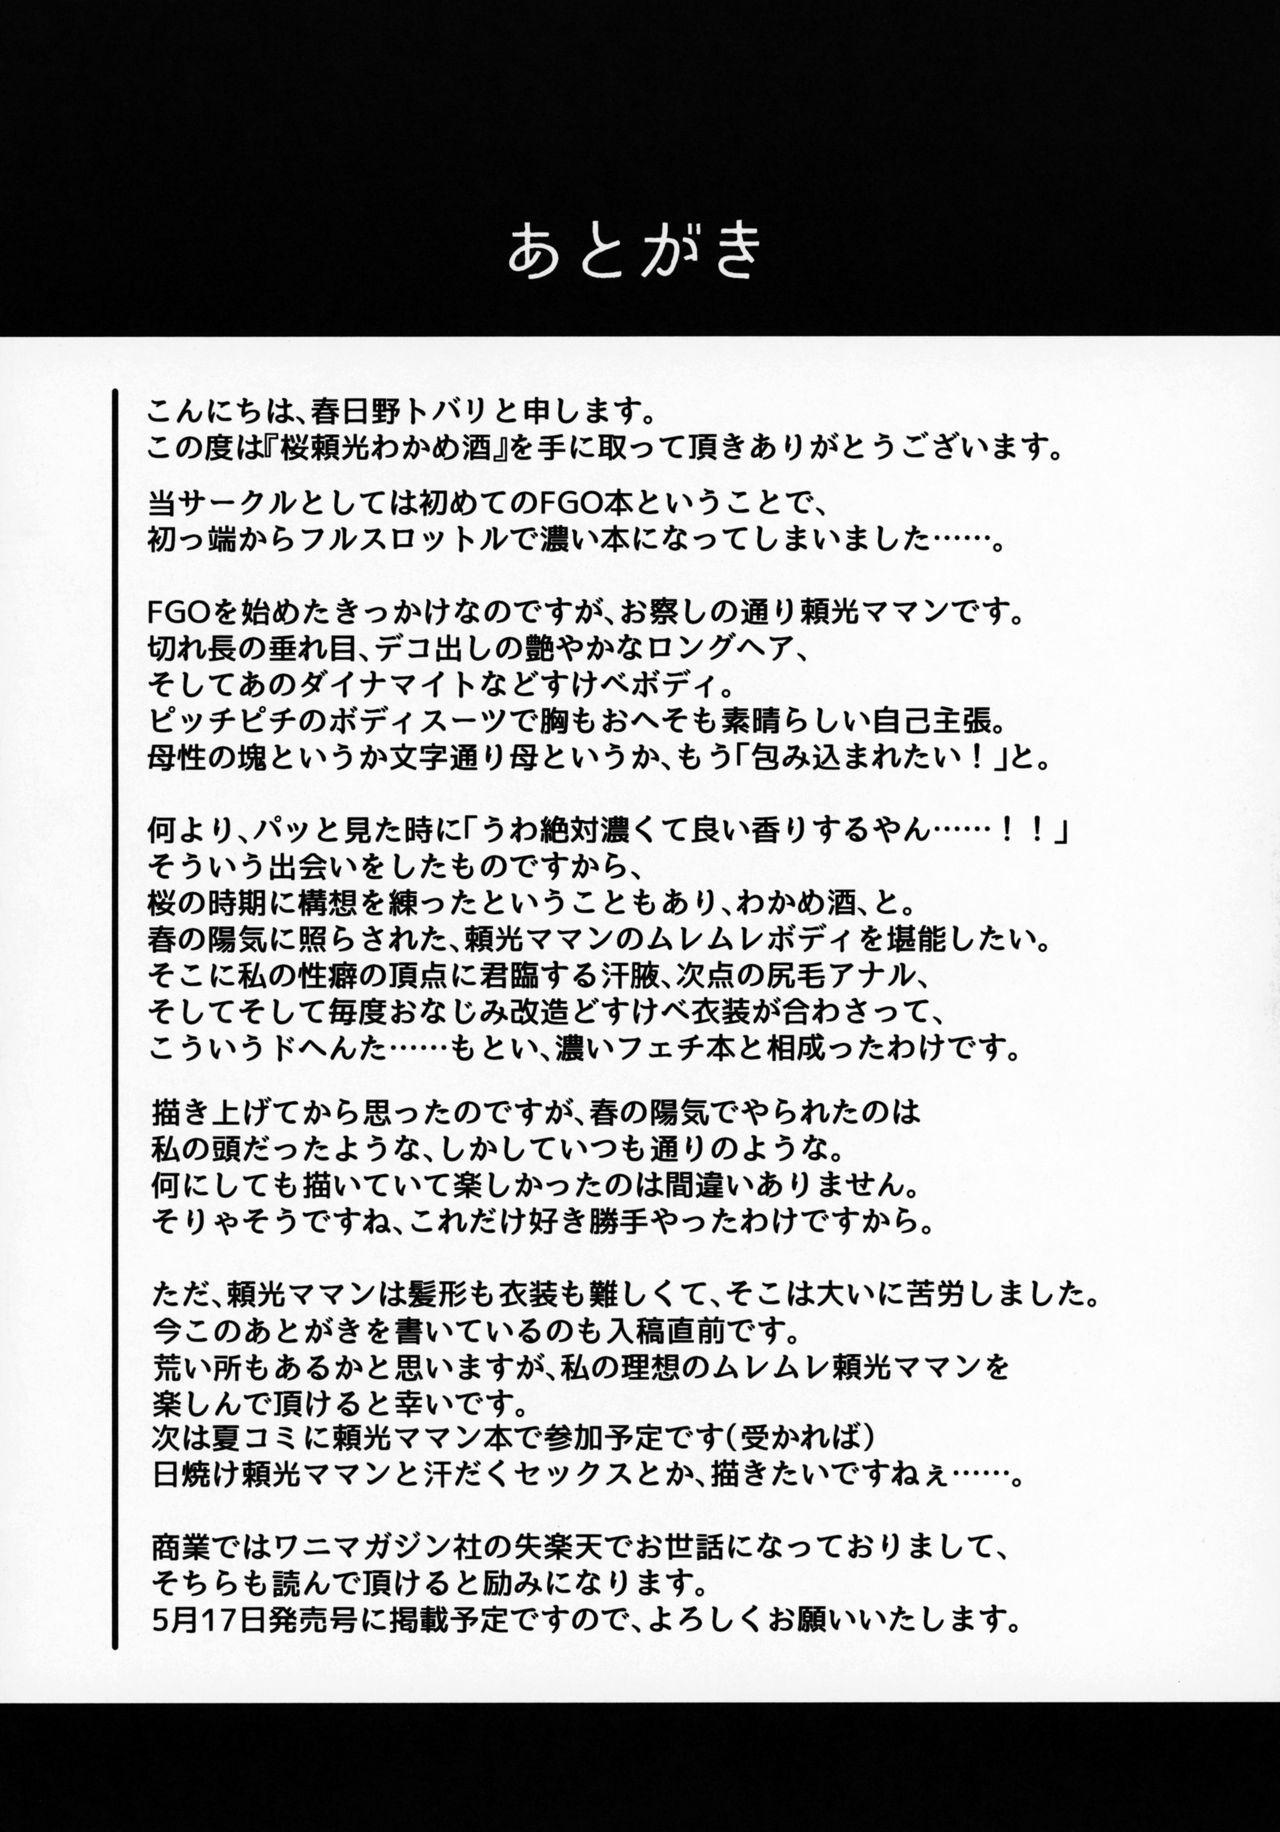 Sakura Raikou Wakame Zake 19